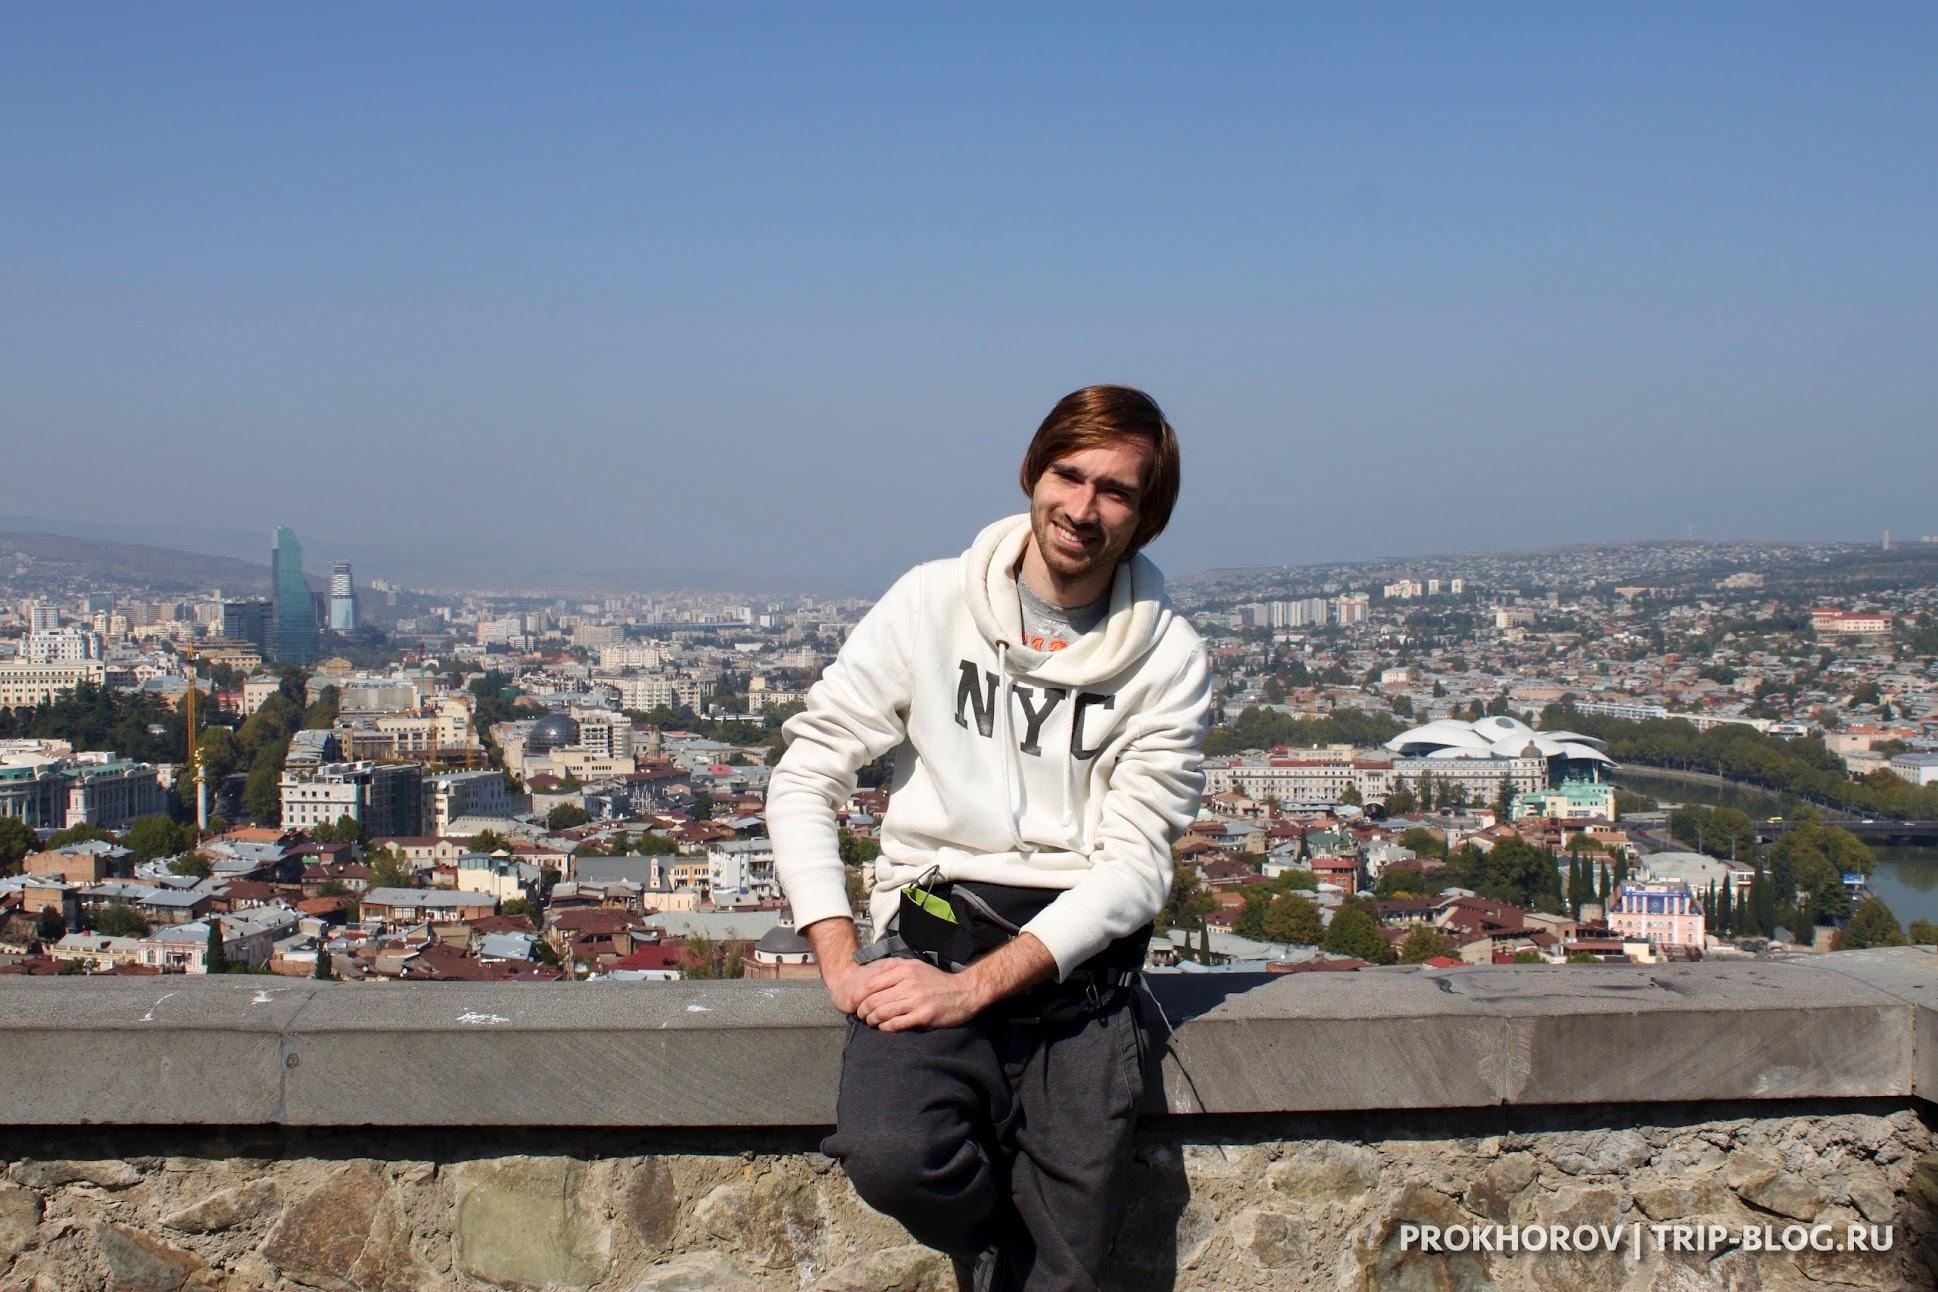 Сергей Прохоров trip-blog.ru